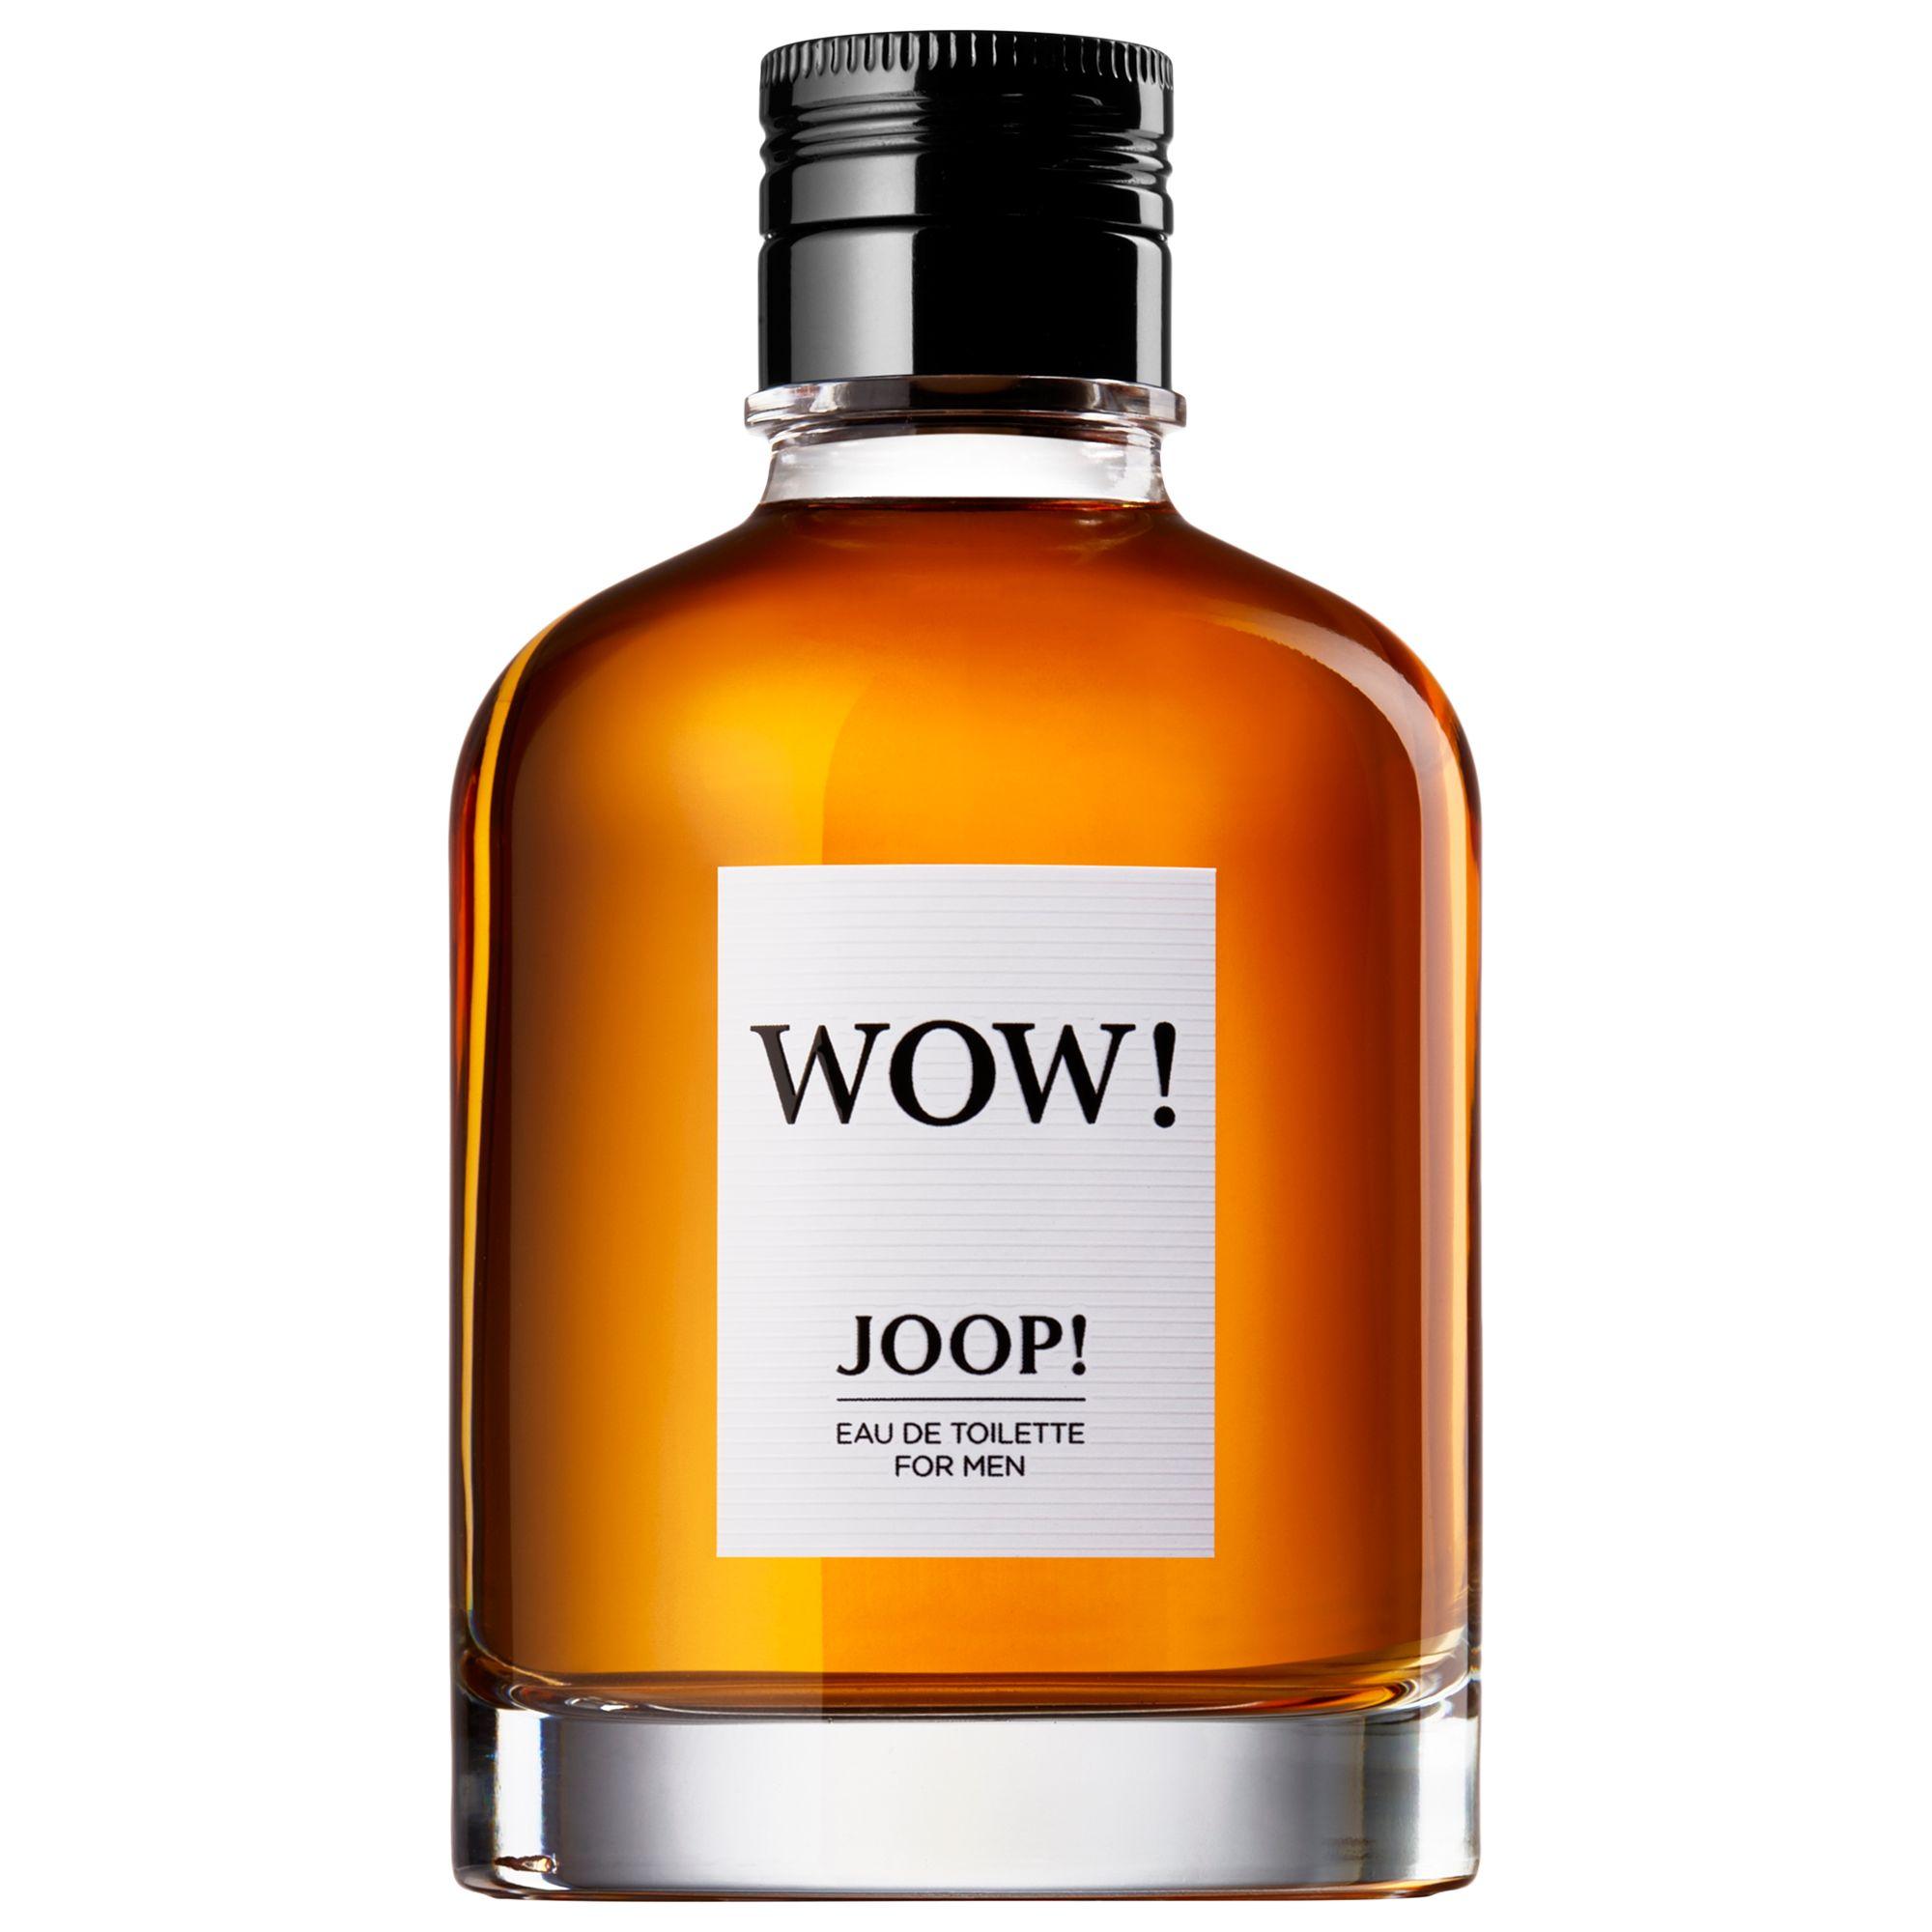 9b6827d8fe637 JOOP! Wow! Eau de Toilette at John Lewis & Partners